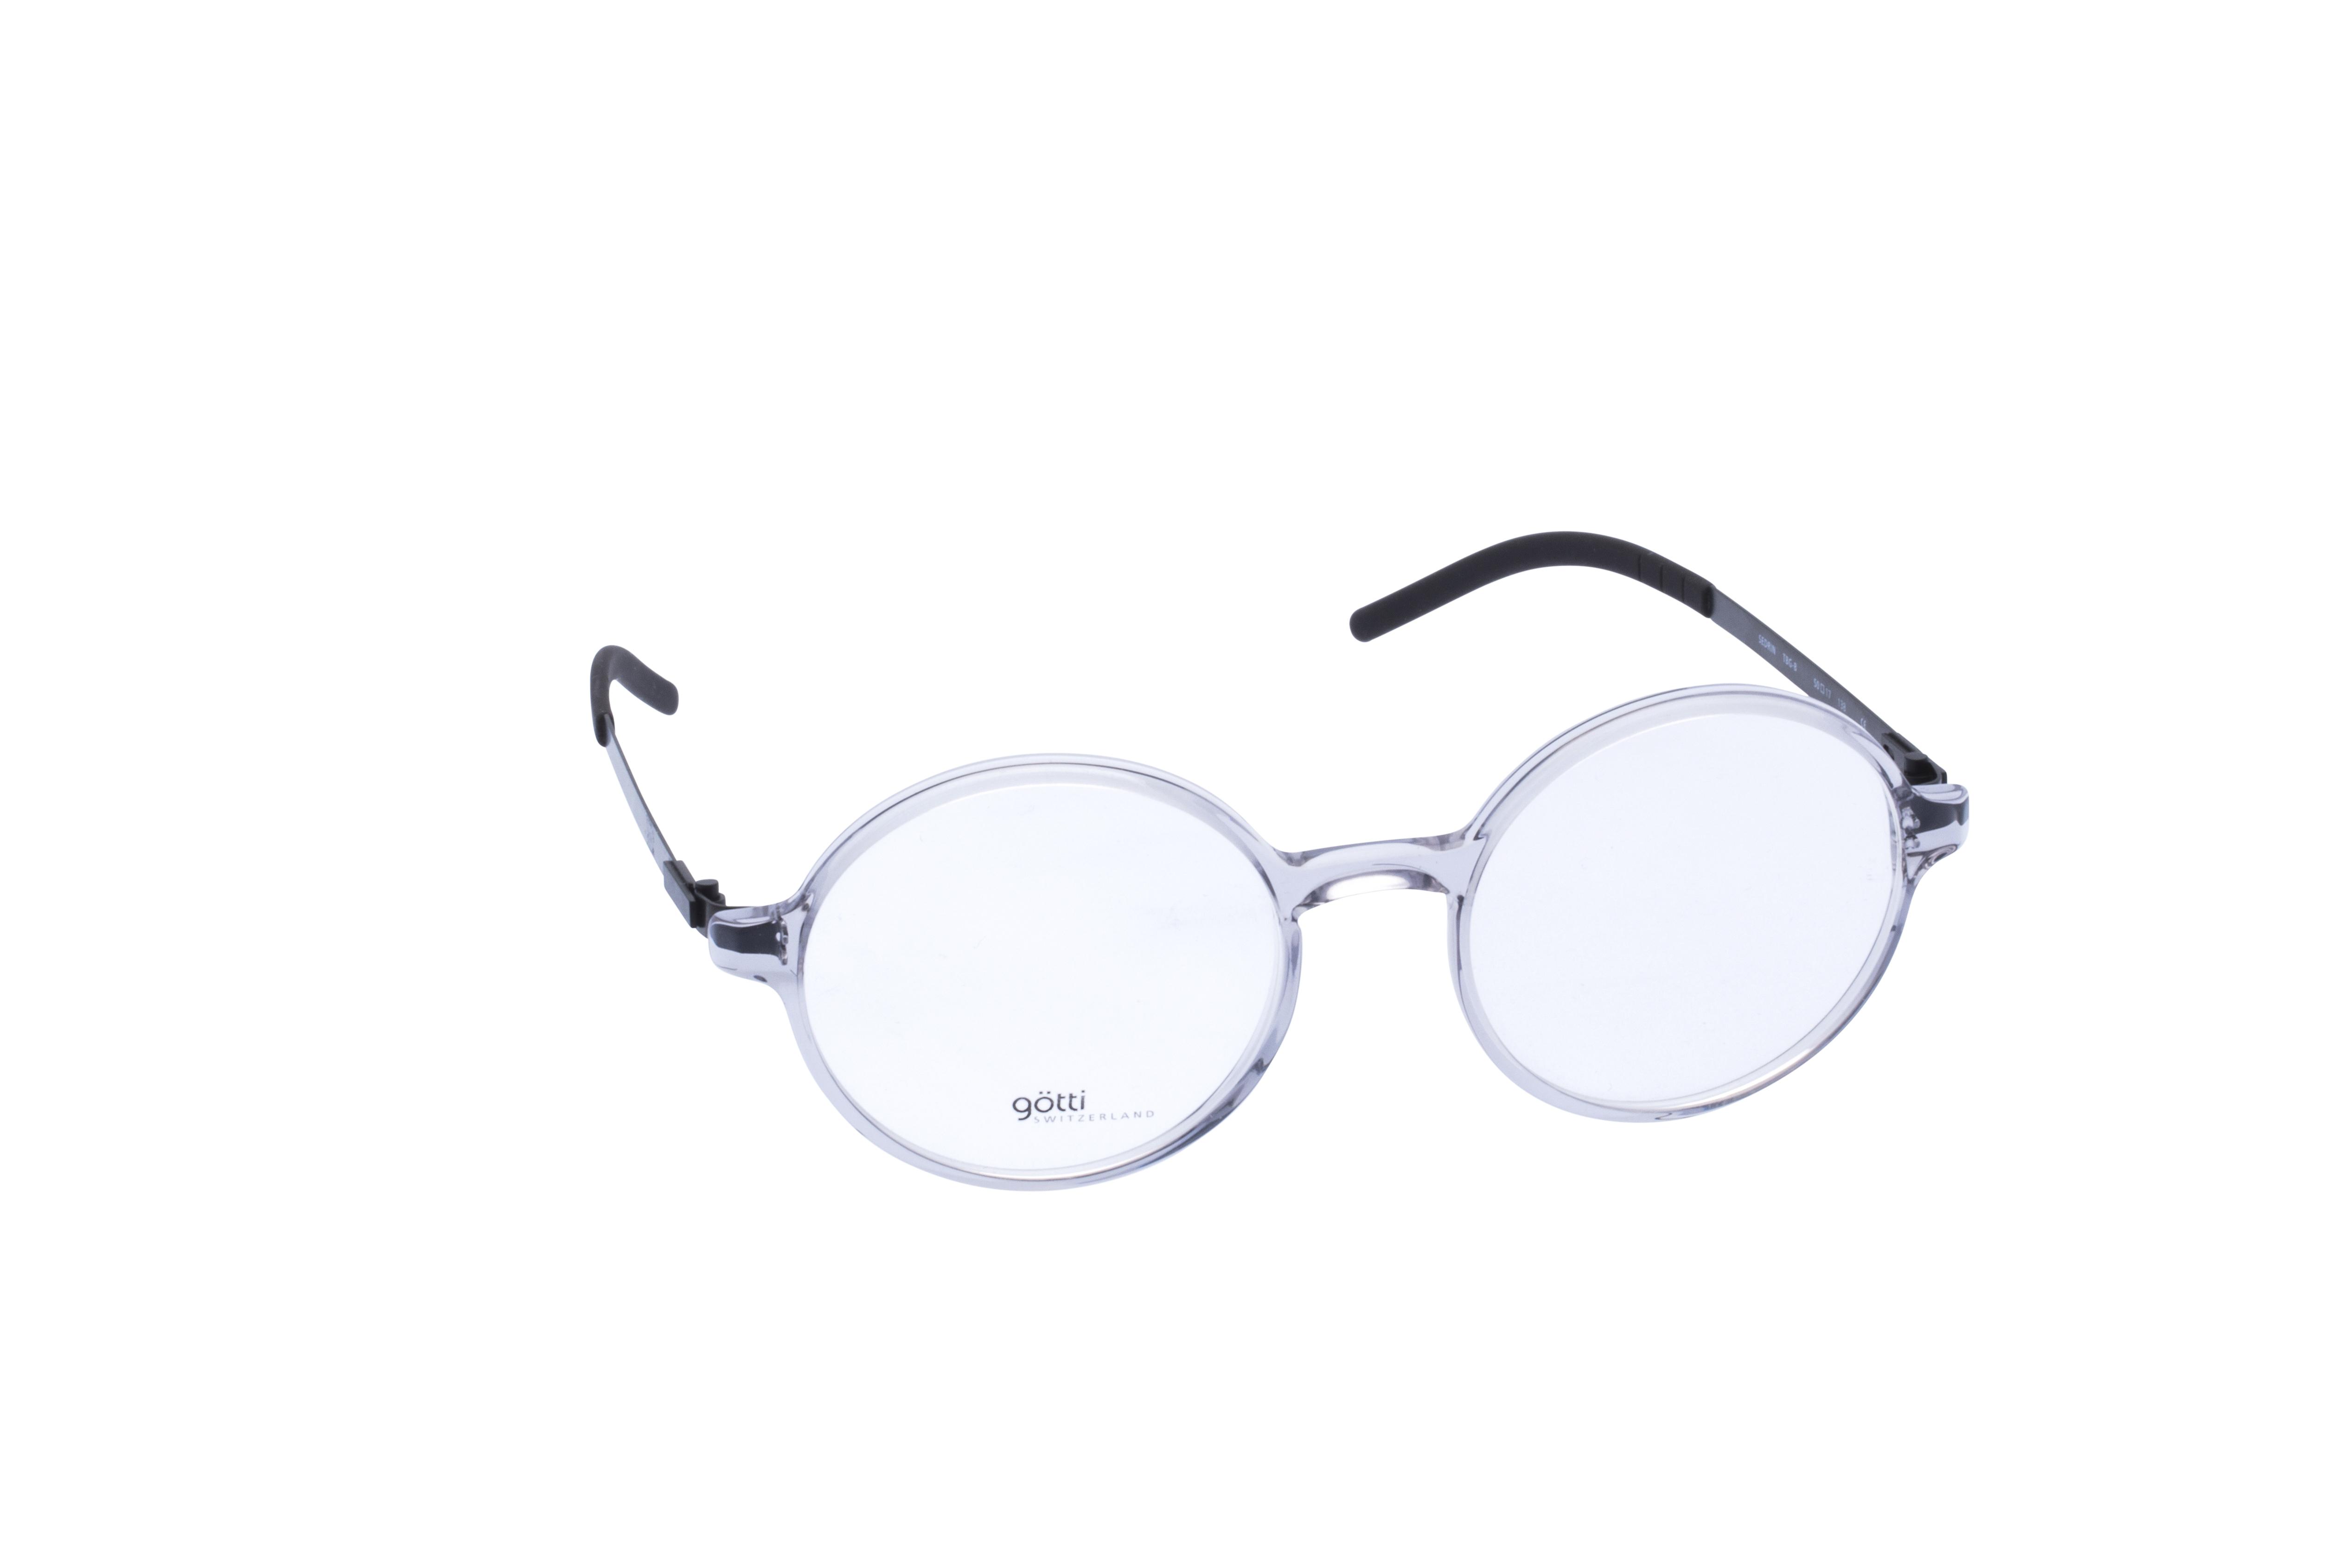 360 Grad Ansicht 1 Götti Sedrin, Brille auf Weiß - Fassung bei KUNK